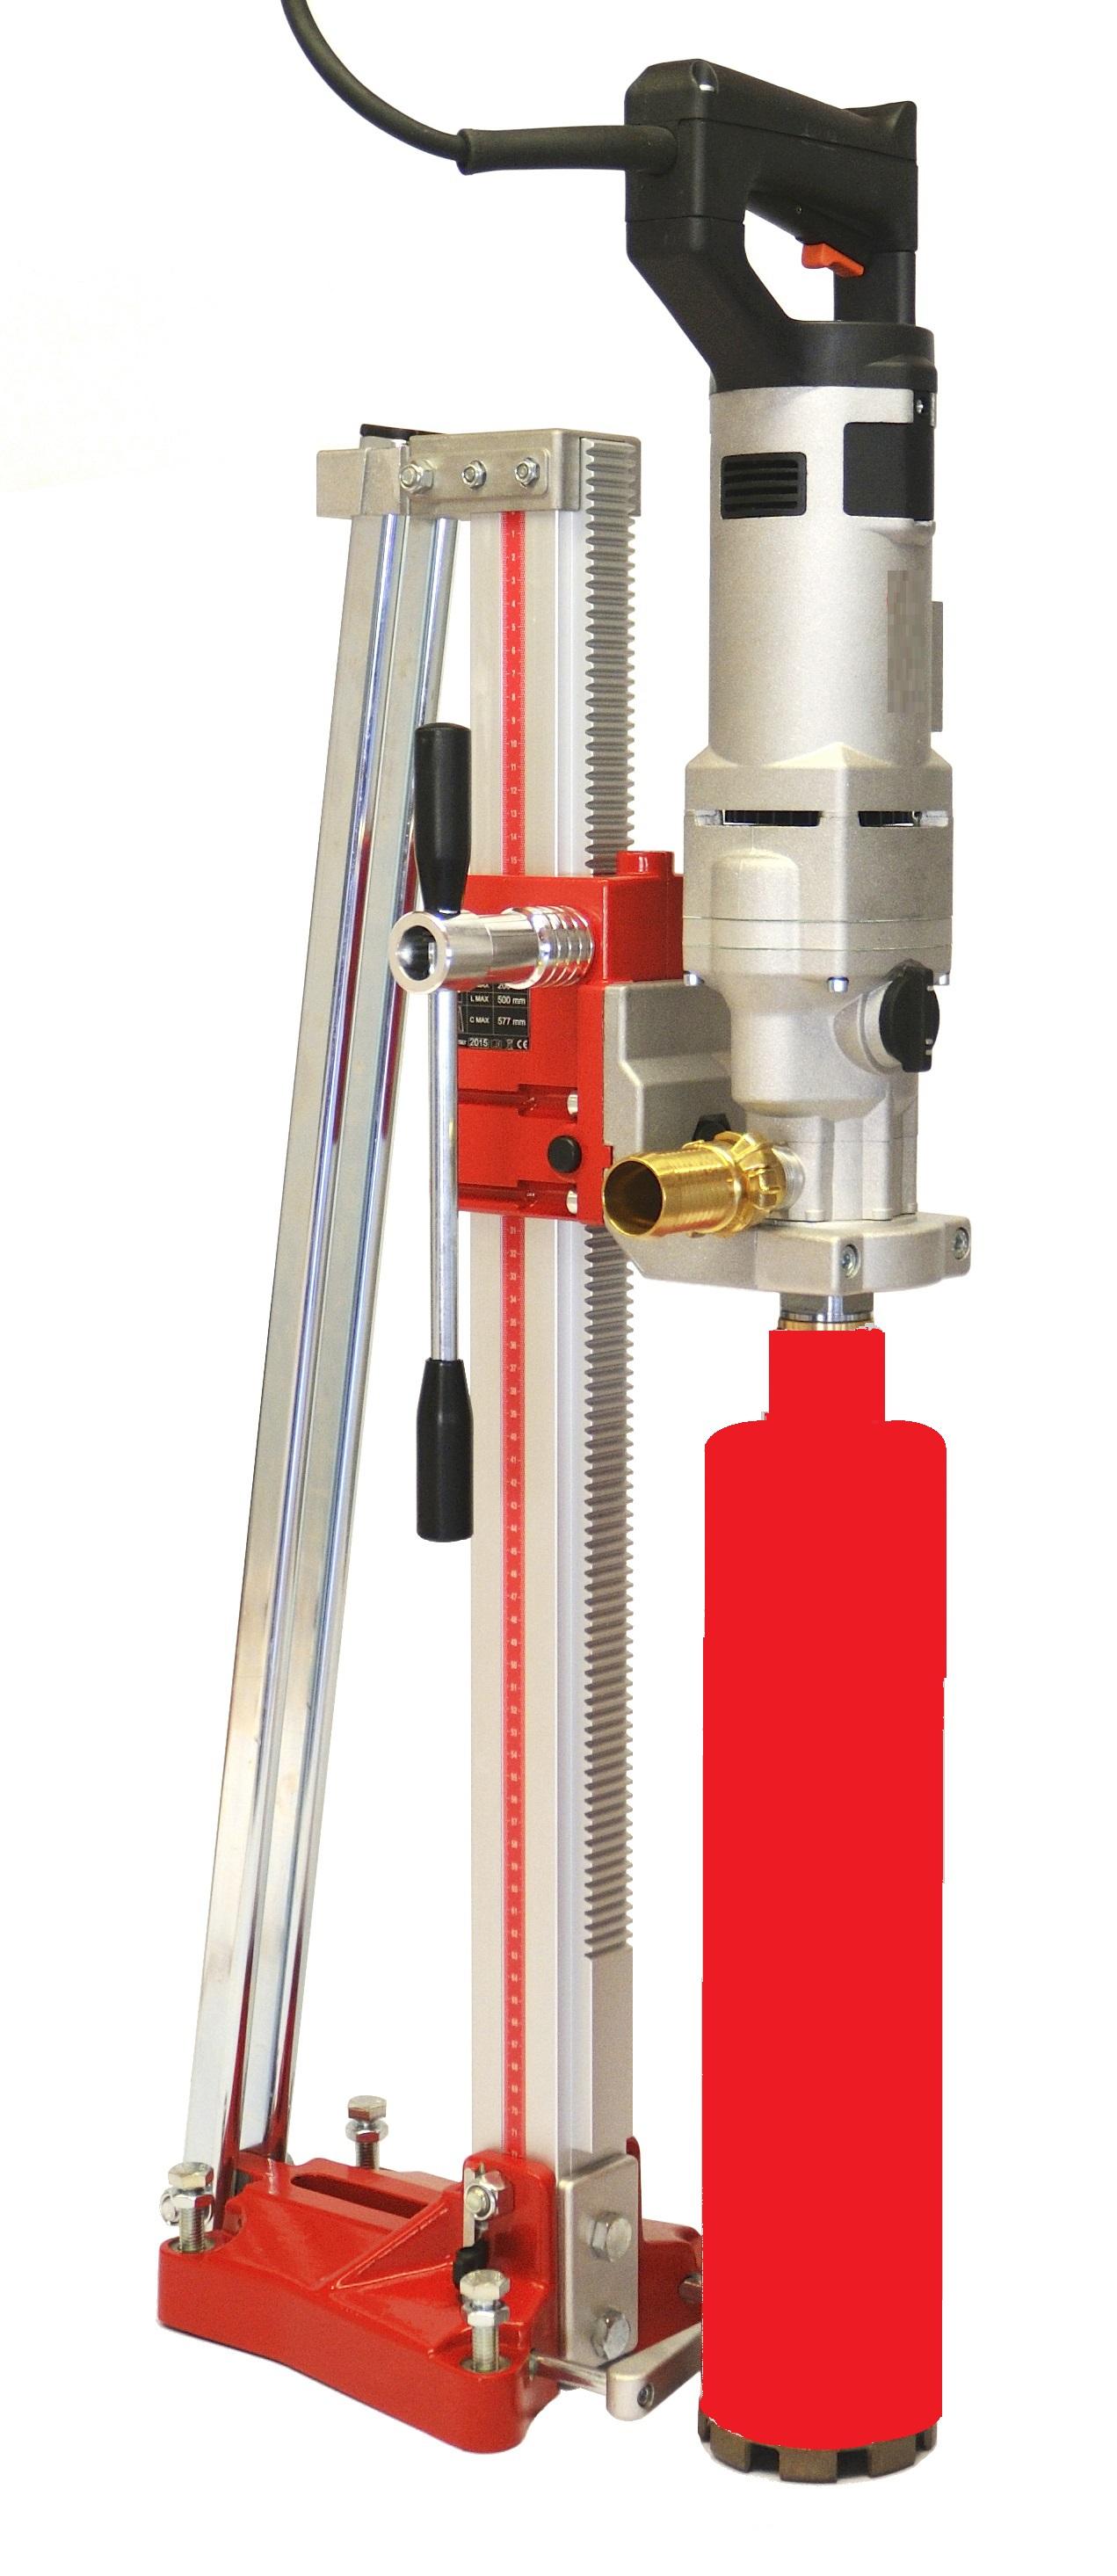 diamantboor-kolom-installatie-statief-droog-boor-diafast-verstelbaar-voorden